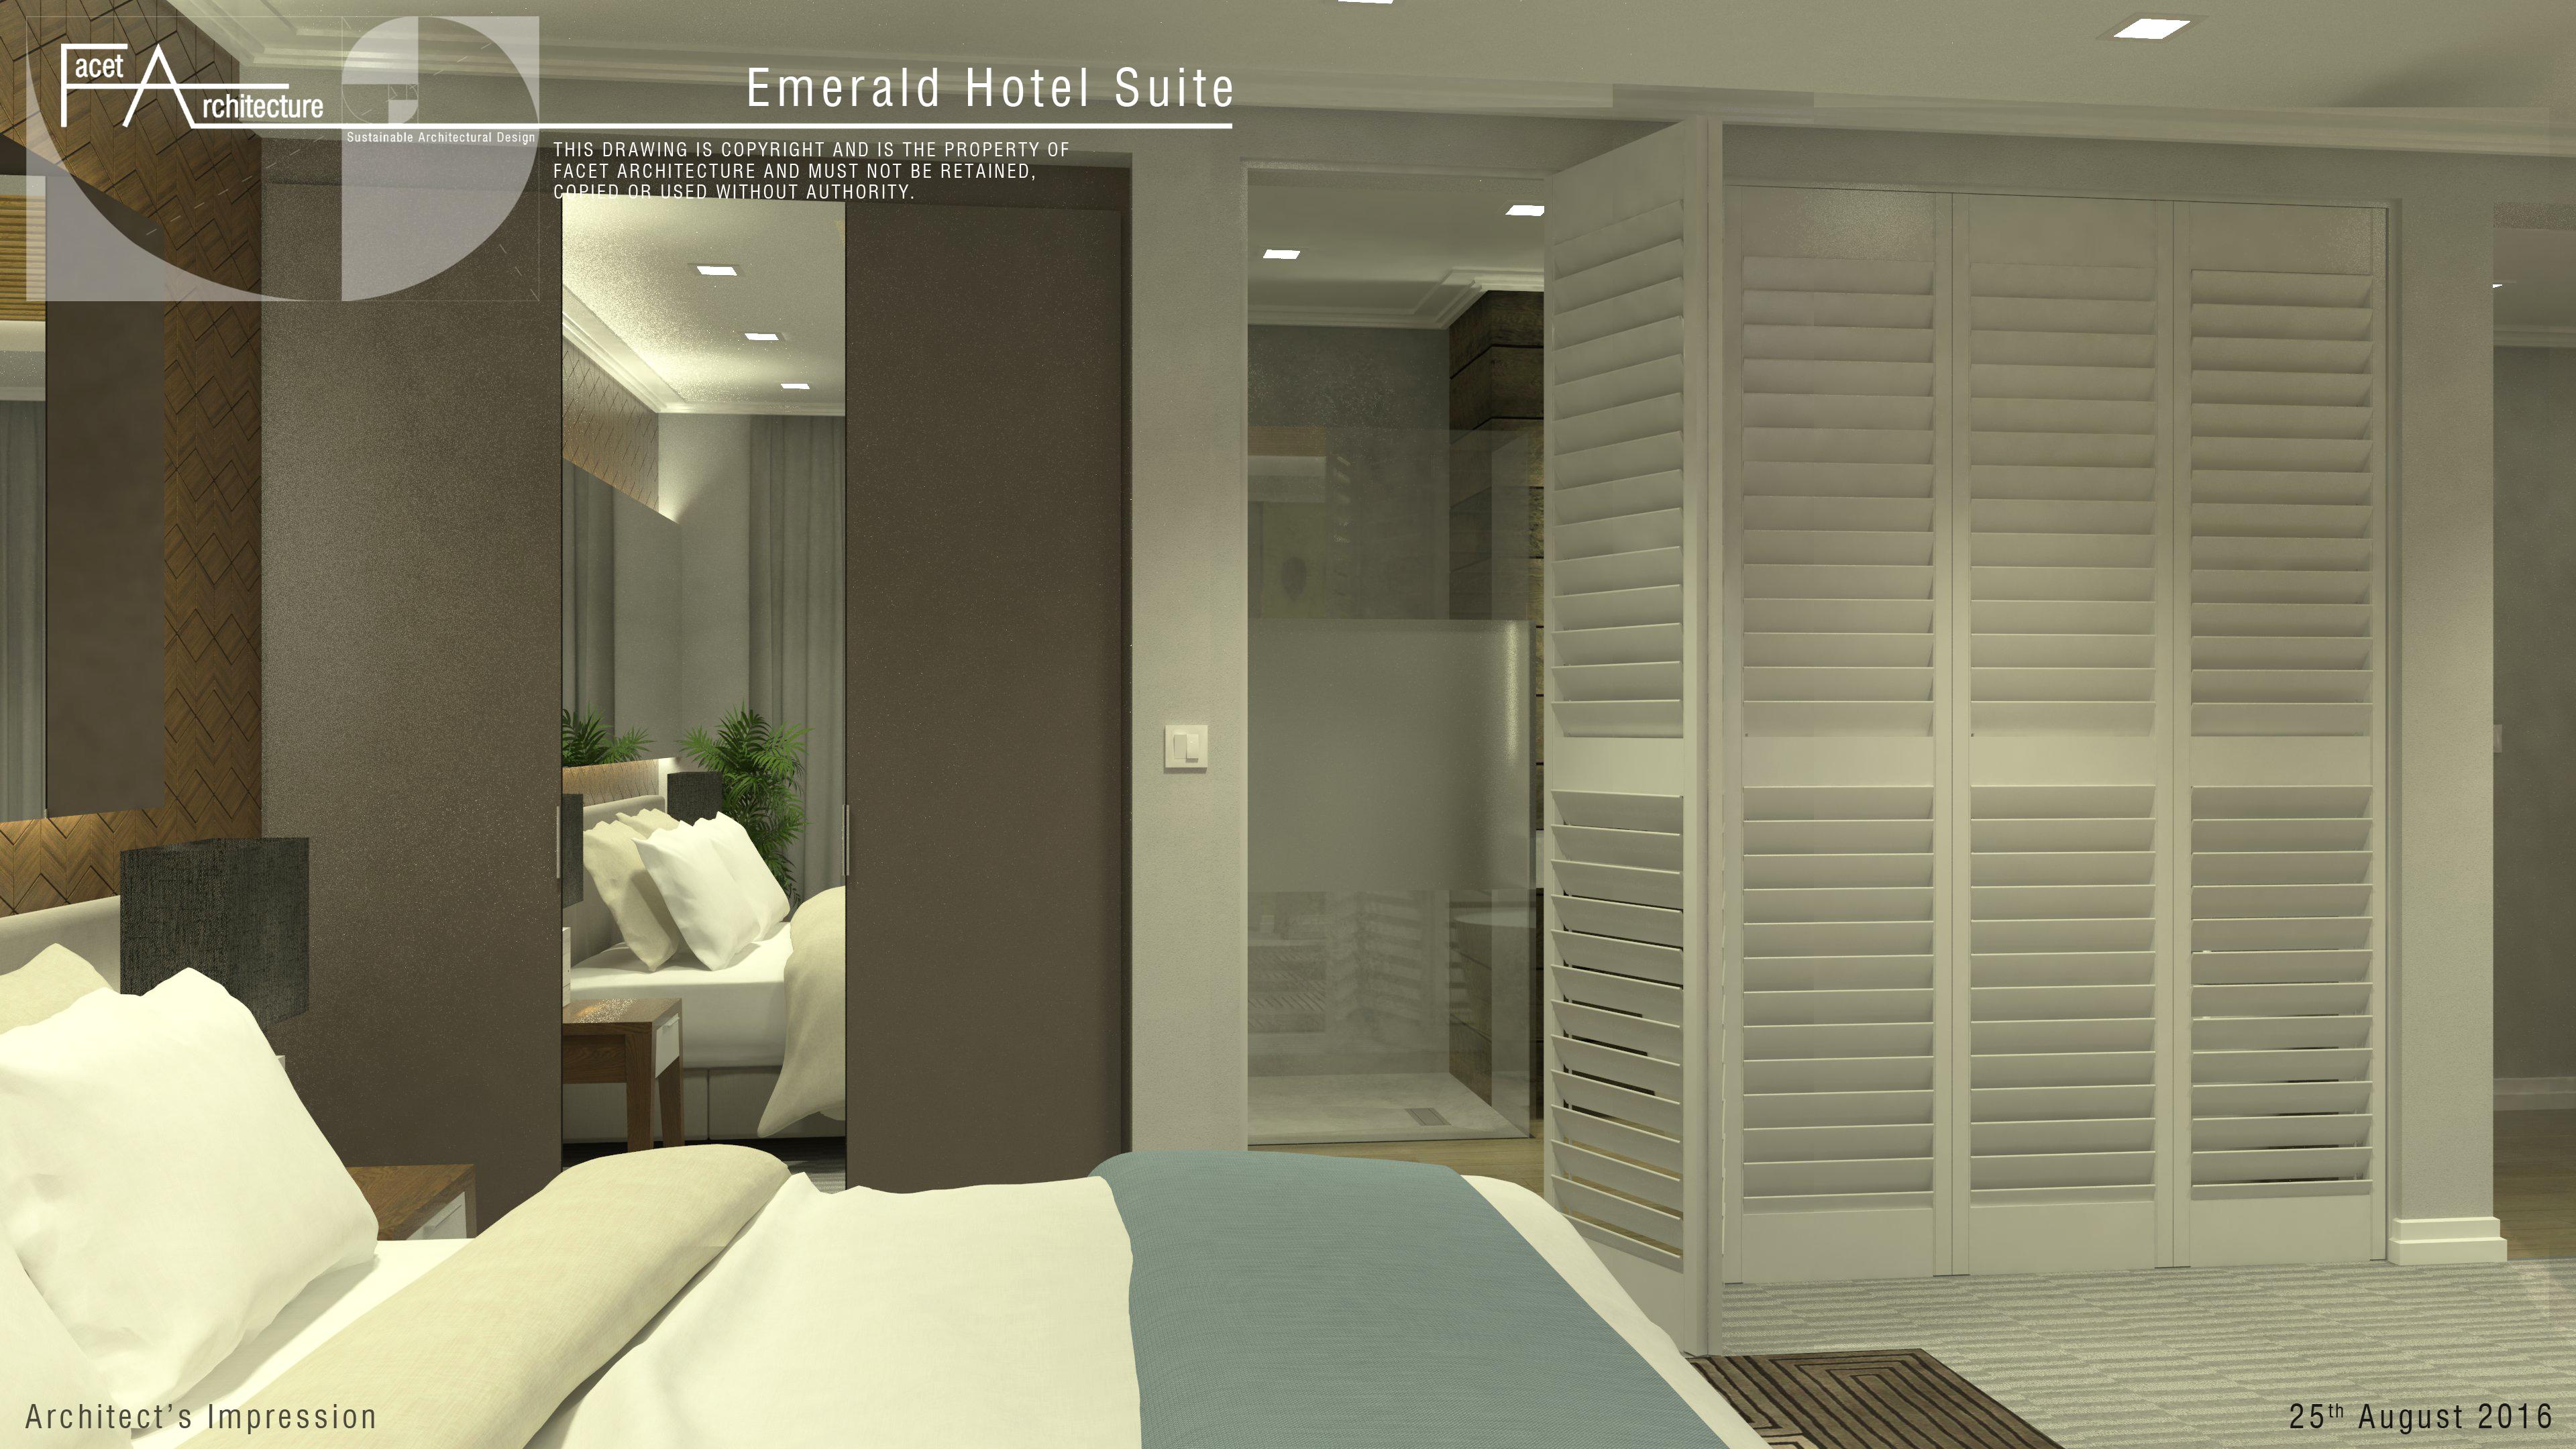 2016-08-25 FA15-24 Emerald Hotel Suite A Render 5